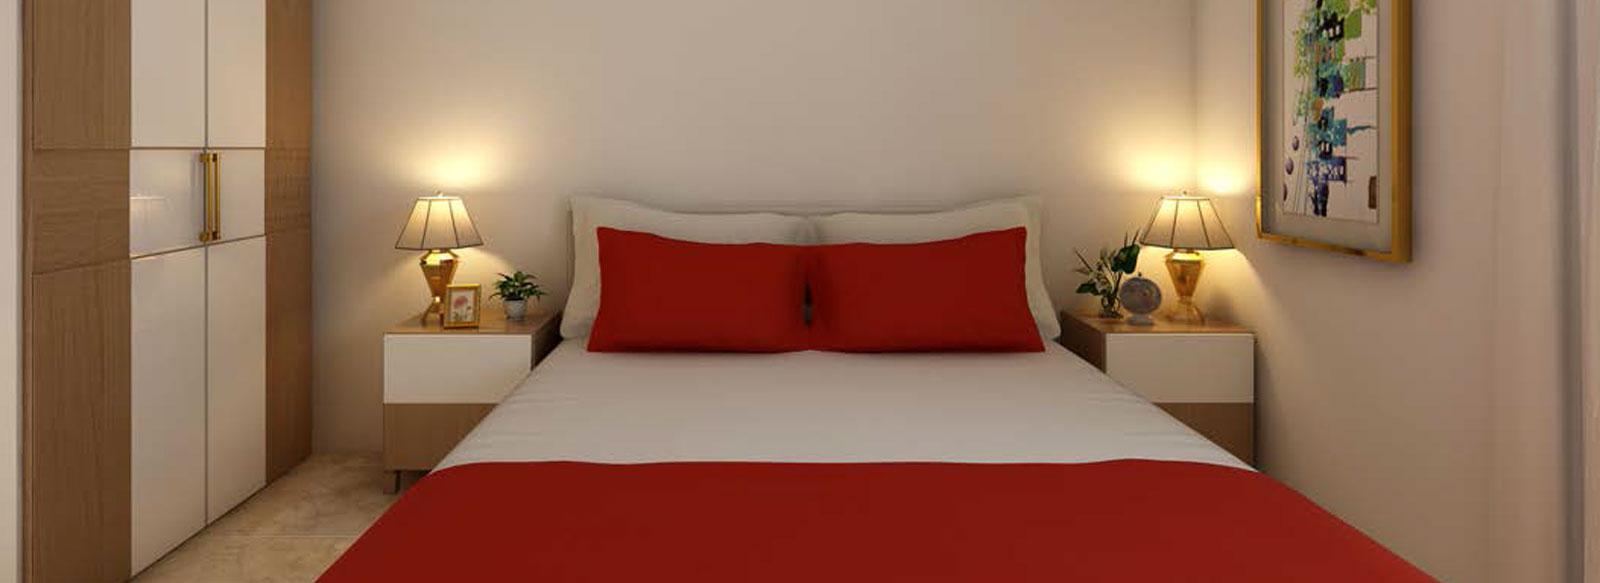 Luxury Studios, 1- & 2-Bedroom Apartments